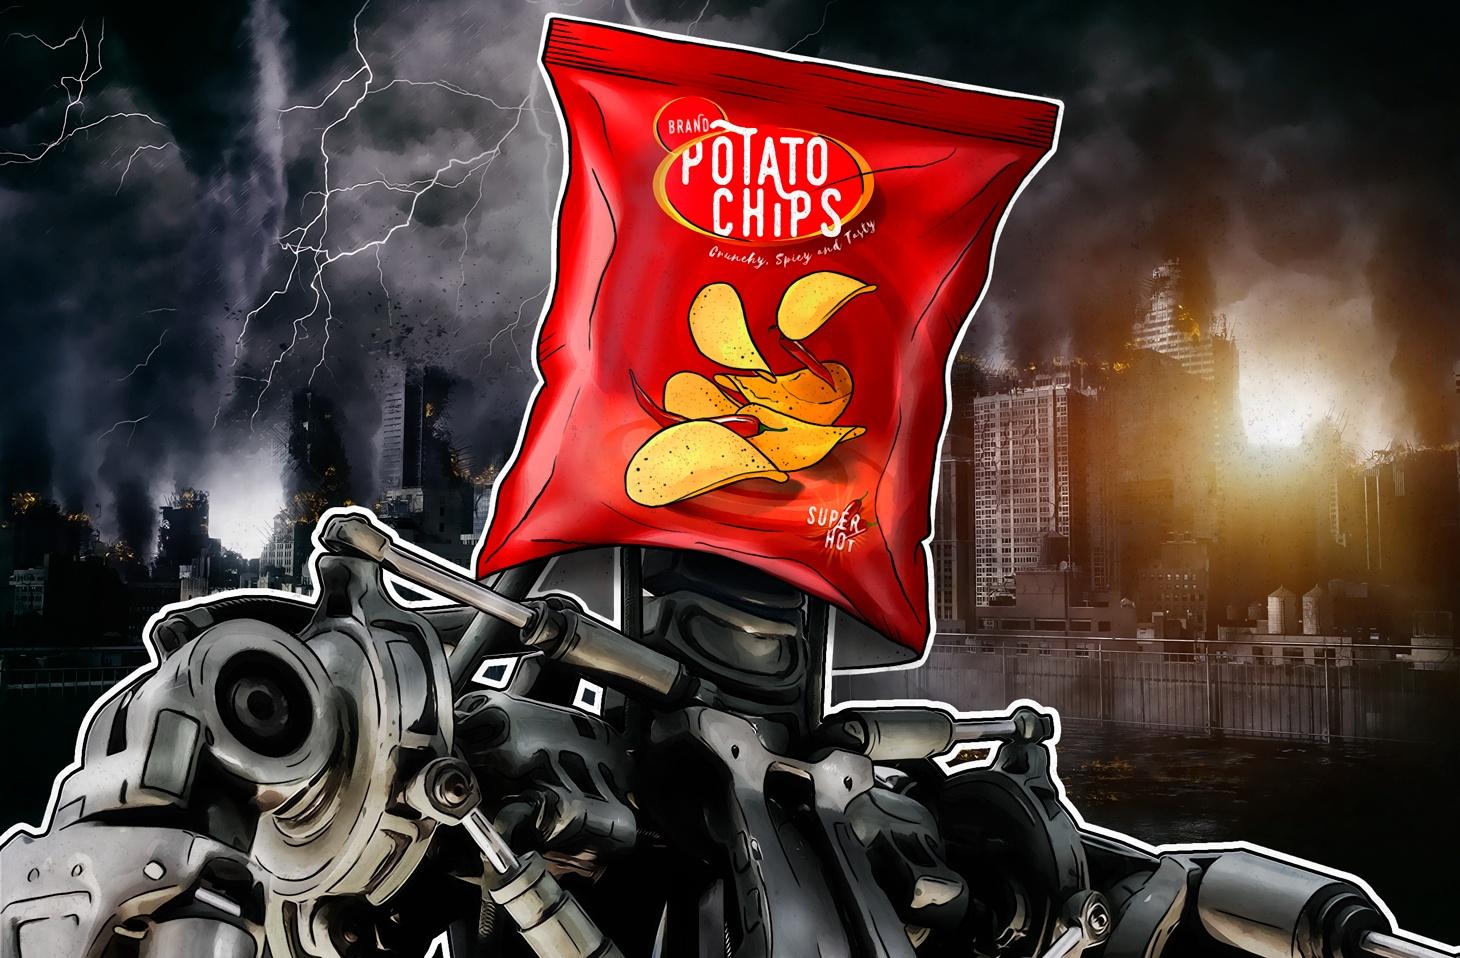 terminator-dark-fate-chips-featured.jpg